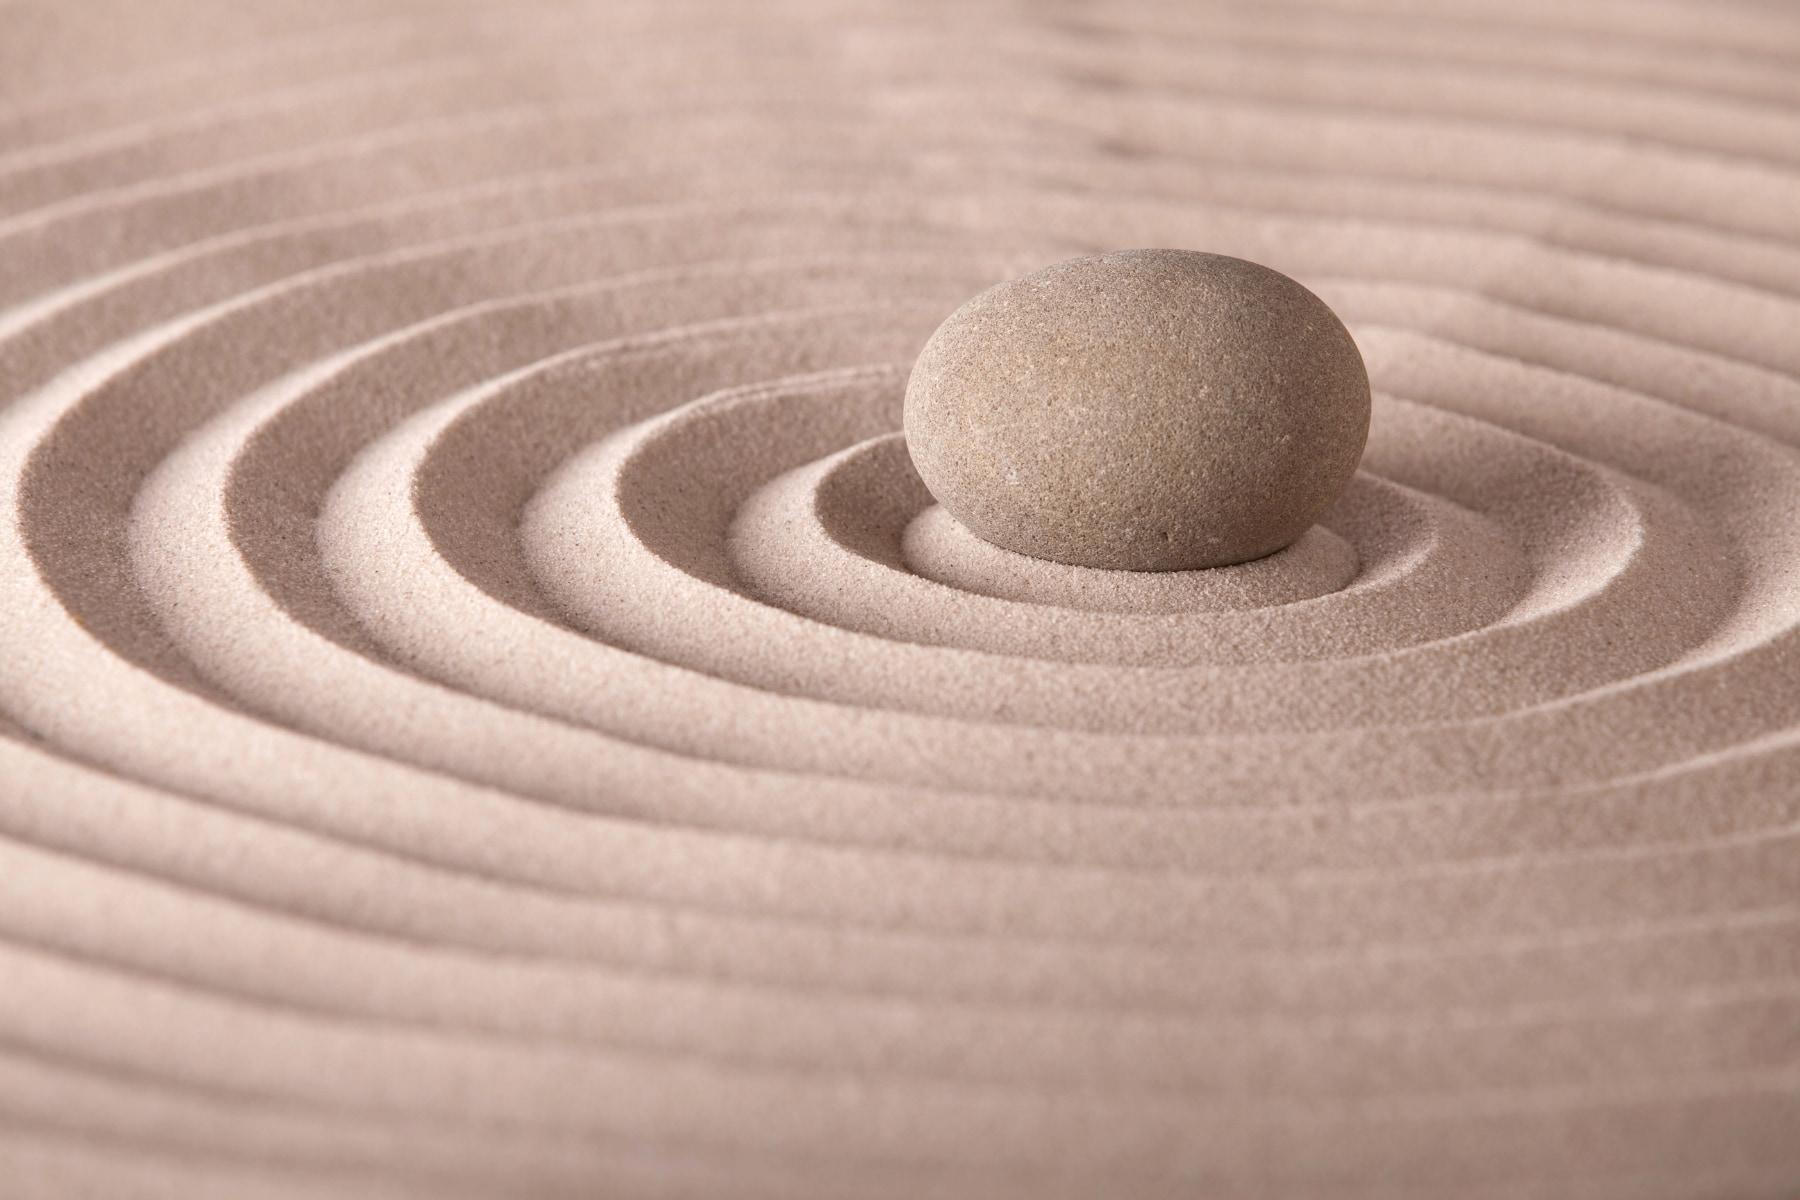 Ordine dentro e fuori - Zen